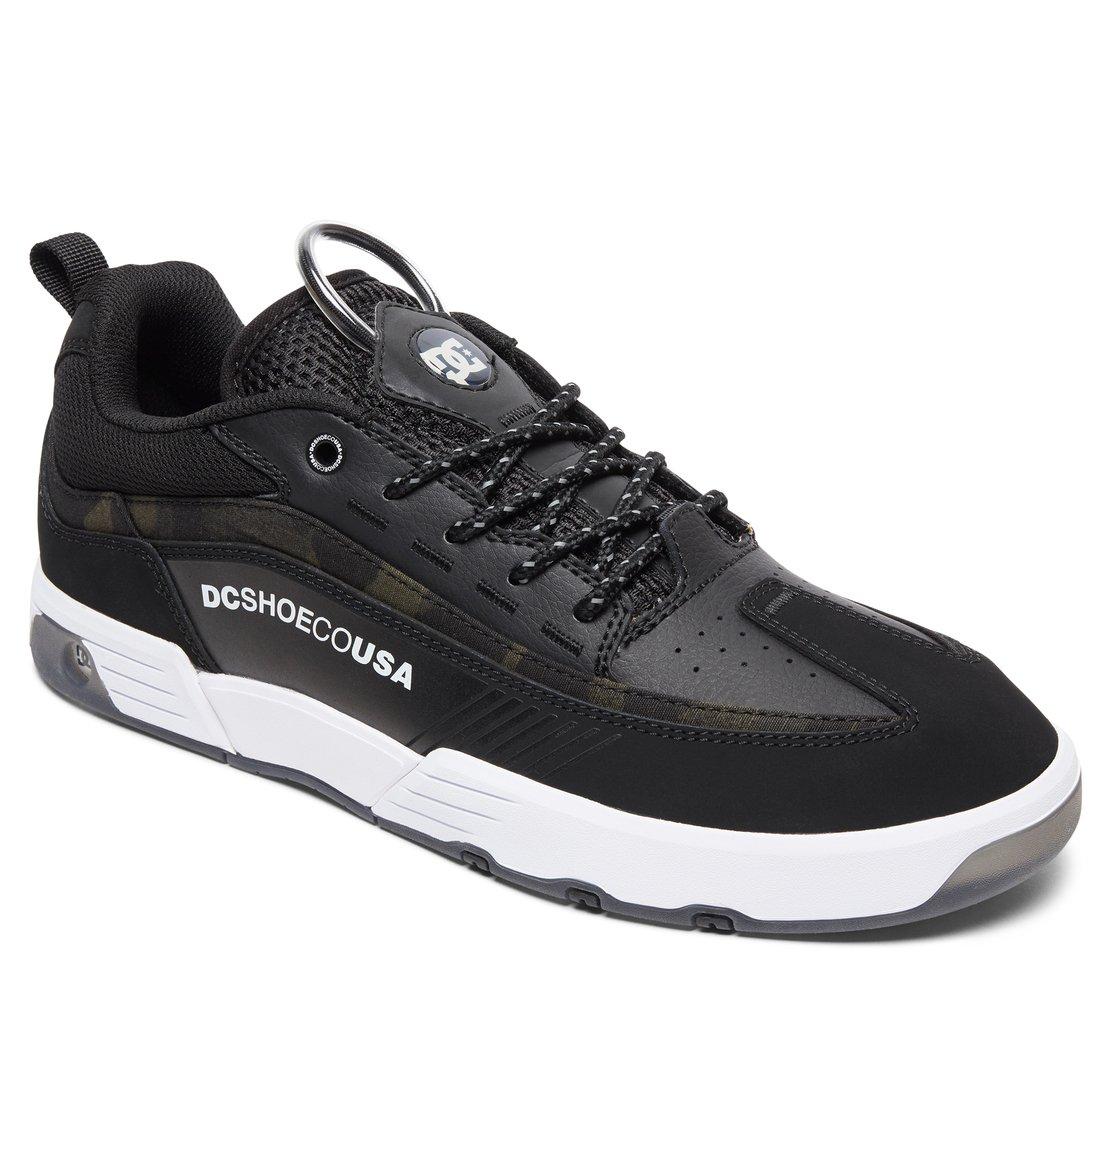 Legacy 98 Slim SE - Baskets - Noir - DC Shoes Chaussures Finn Comfort blanches unisexe Legacy 98 Slim SE - Baskets - Noir - DC Shoes  38  Bleu  41 B0zLO